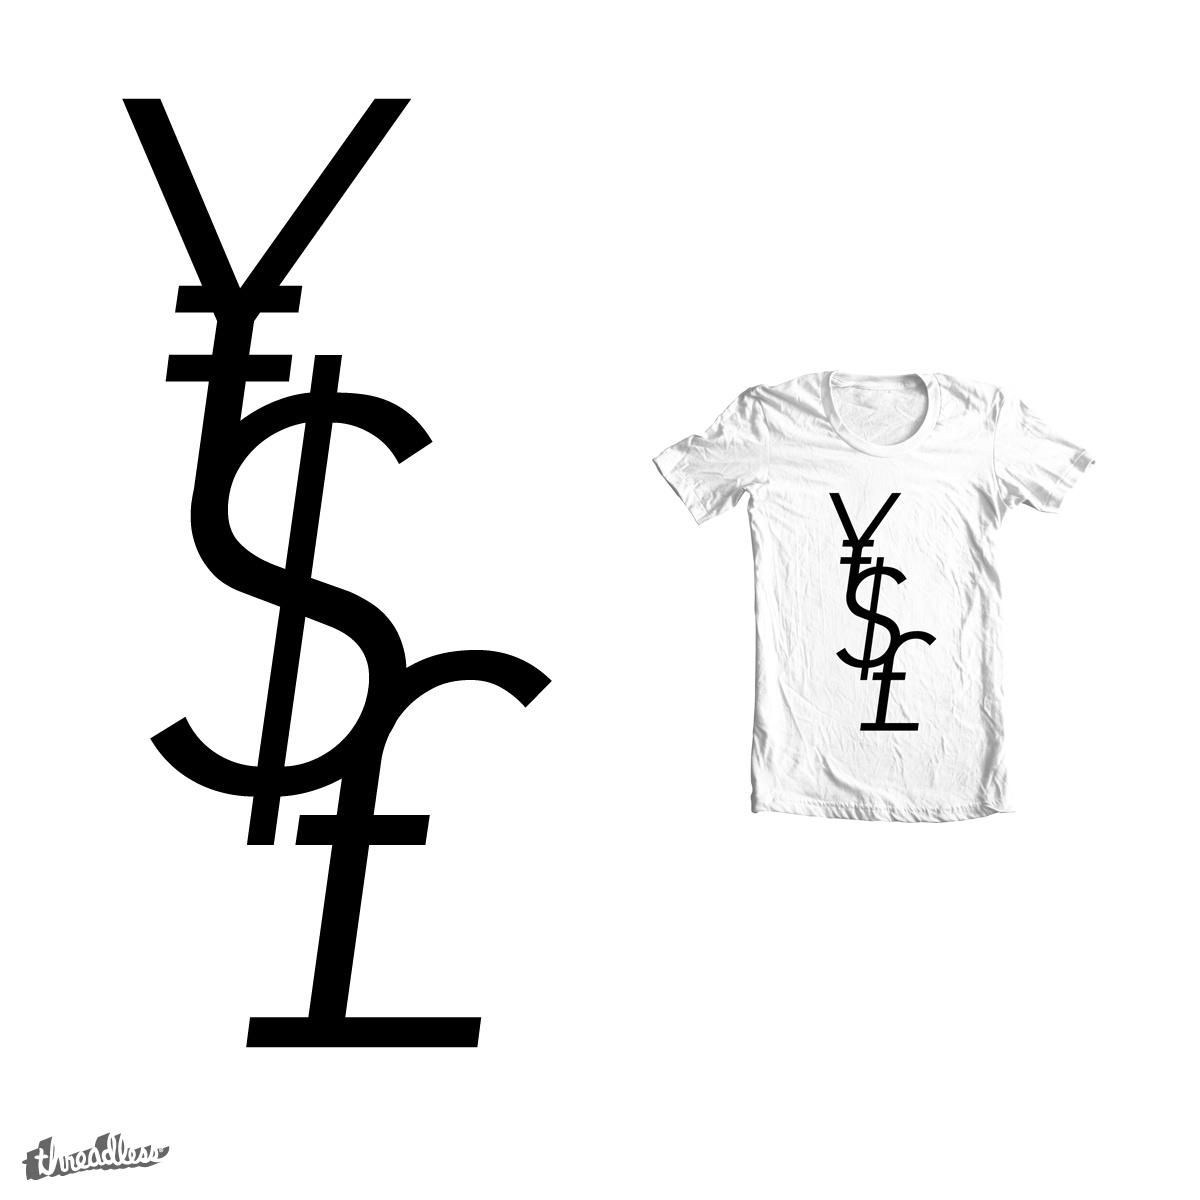 Yen Dollar Pound by Haasbroek on Threadless